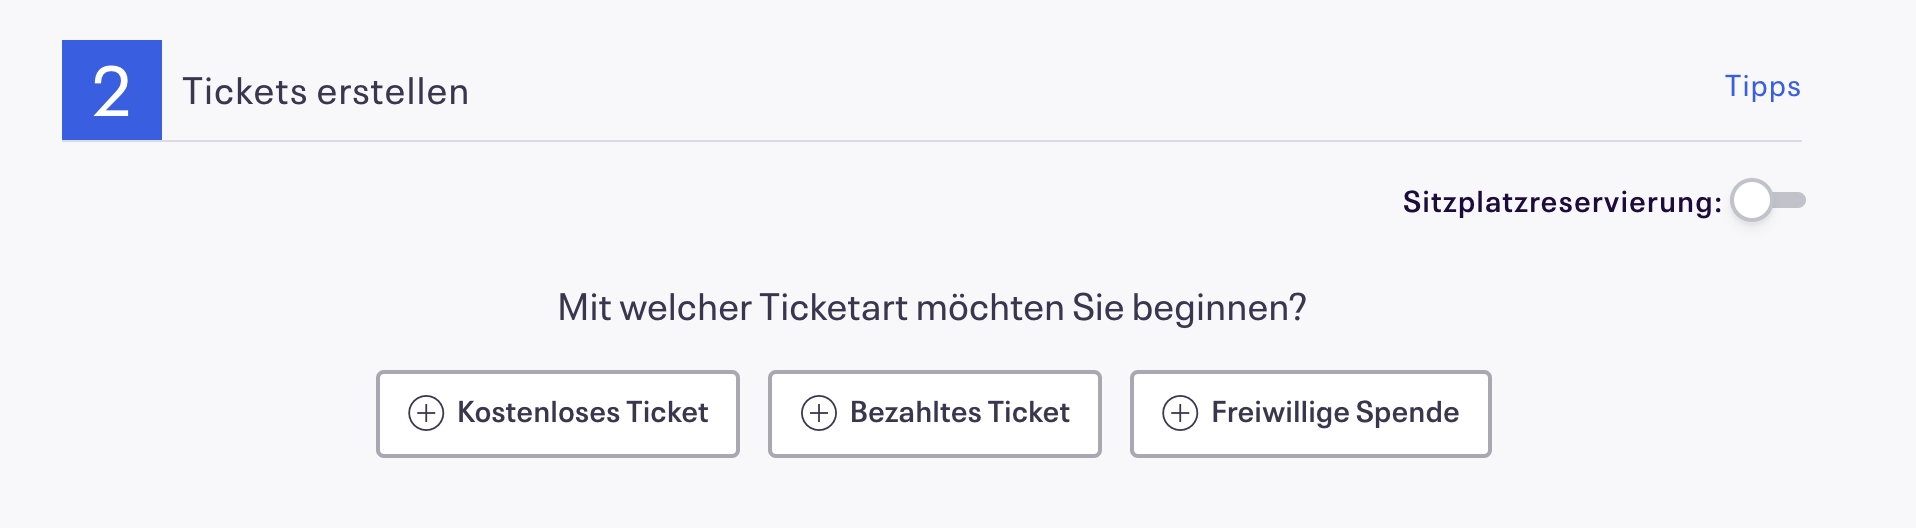 So Berechnen Sie Steuern Auf Tickets Und Stellen Teilnehmern